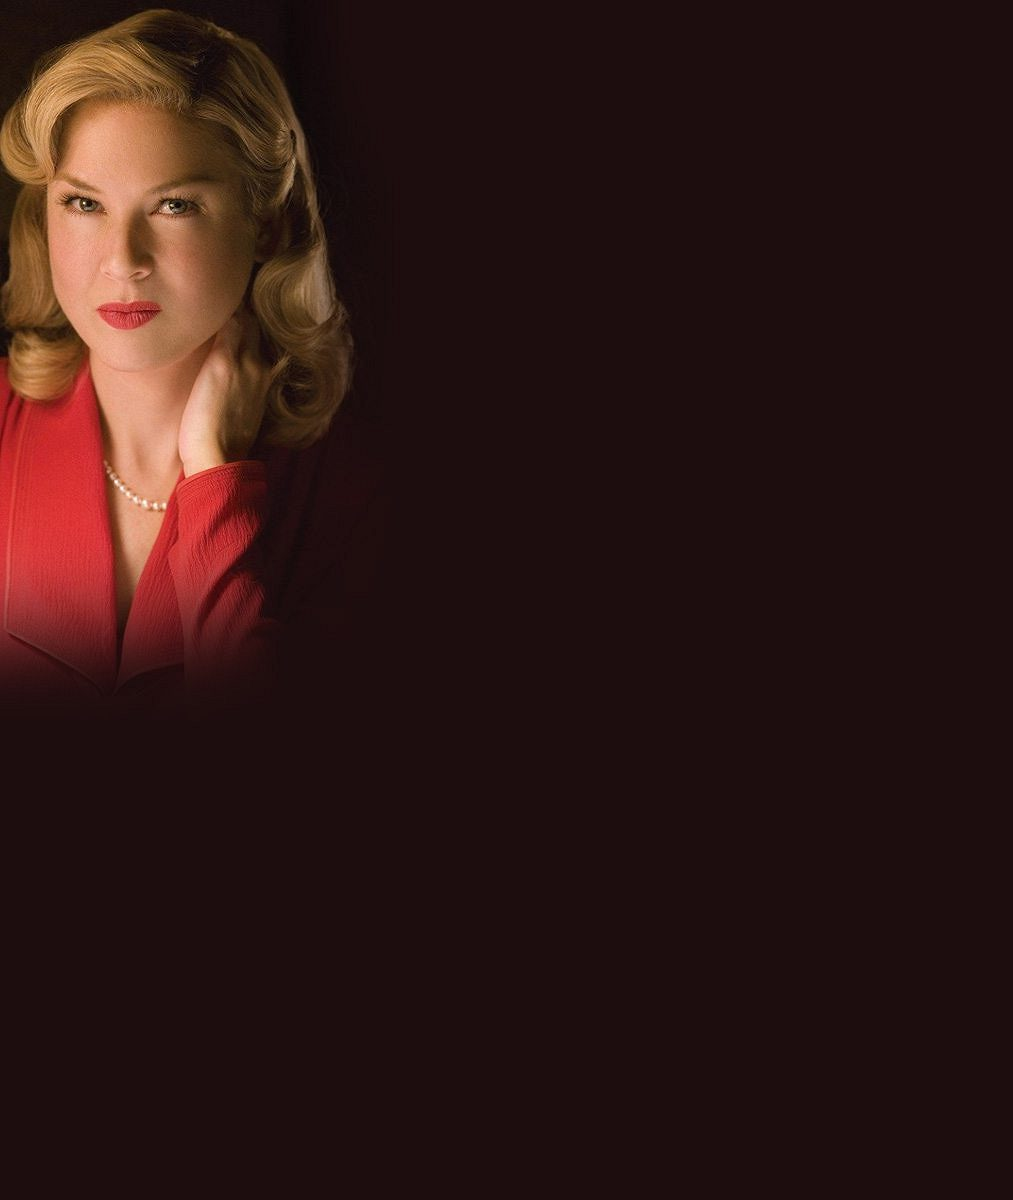 Renée Zellweger a jejích 10 podob: Ikonická boubelka Bridget Jonesová měnila své tělesné parametry i tvář